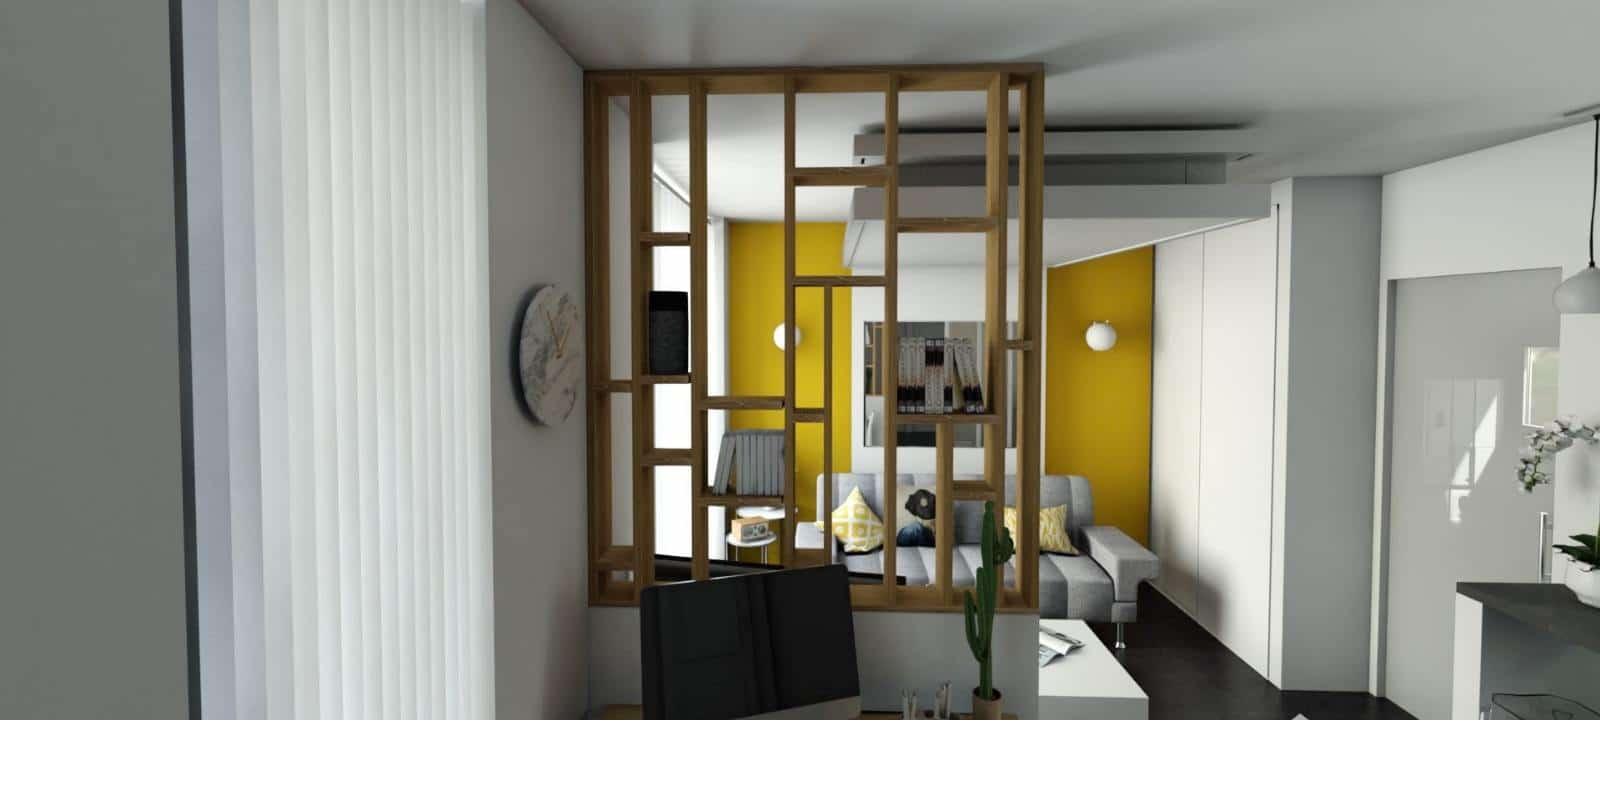 Relooking d'appartement pour gain de place, studio 22m2. lit qui se range au plafond